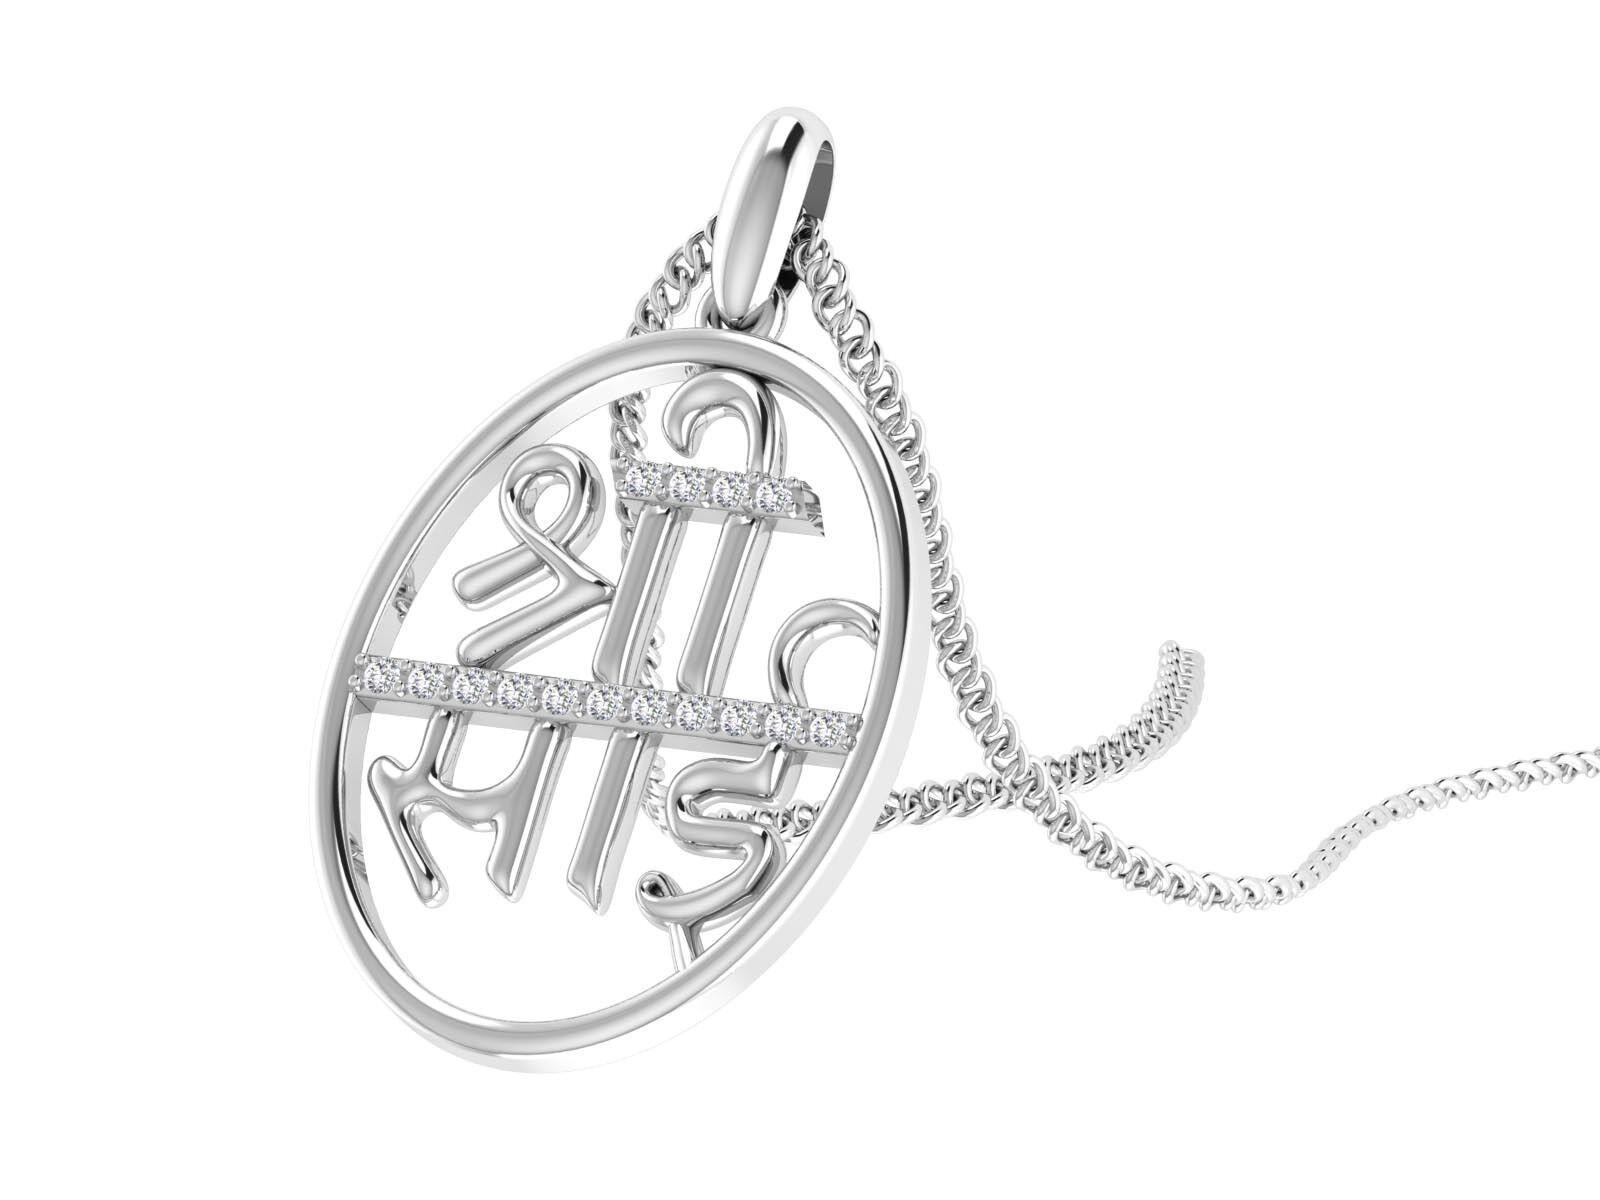 14k white Gold Natural Untreated Diamond Shree Sai Religious Pendant